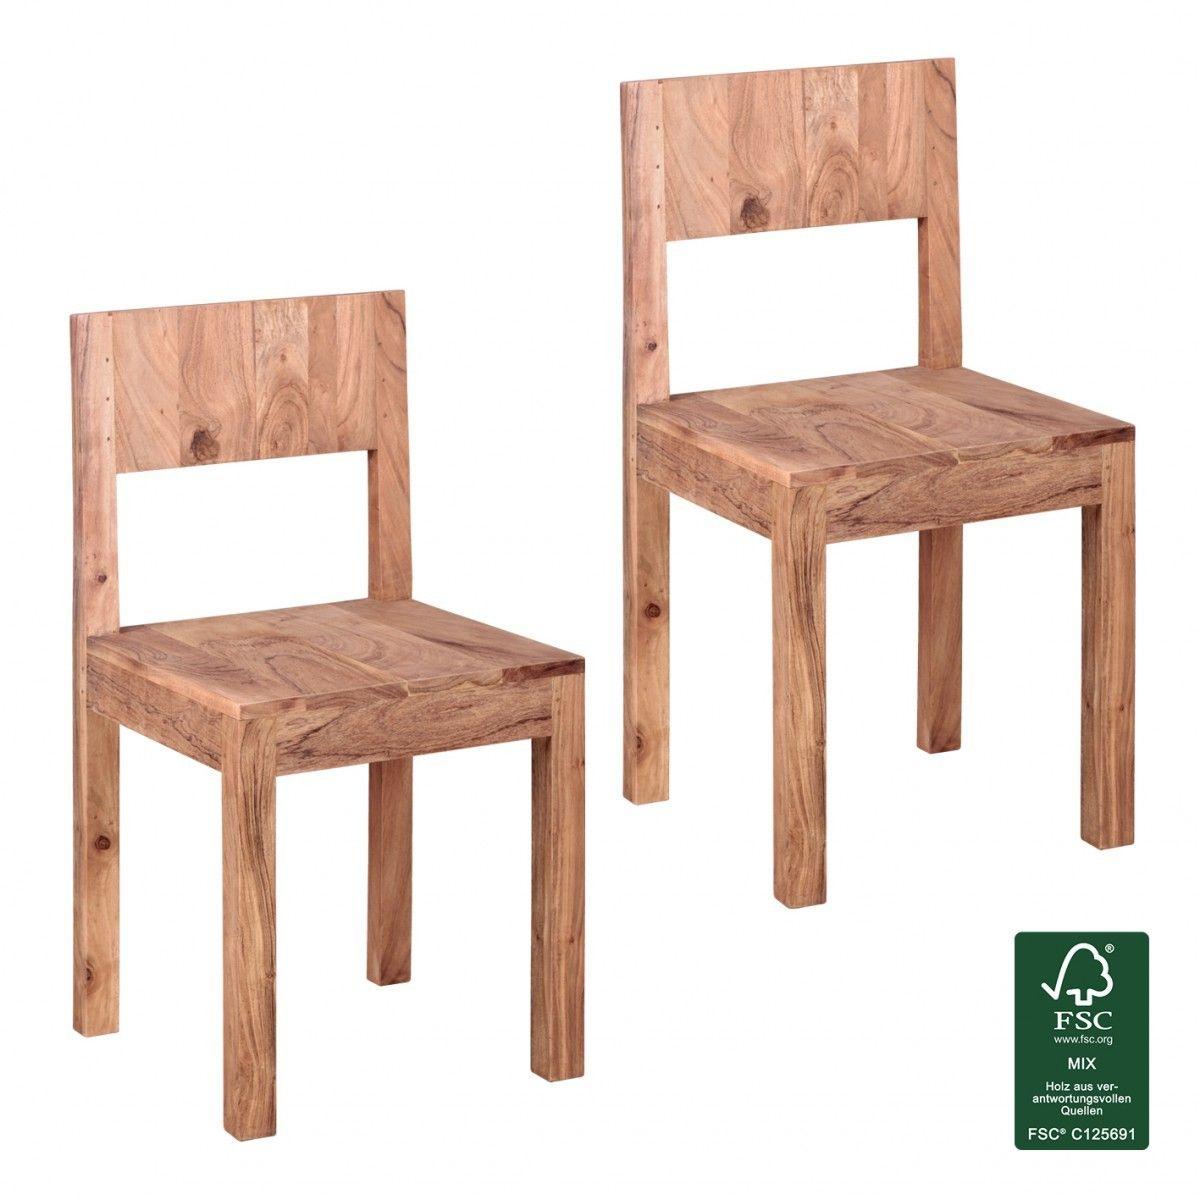 Nett Küchen Stühle Bilder - Ideen Für Die Küche Dekoration - lazonga ...